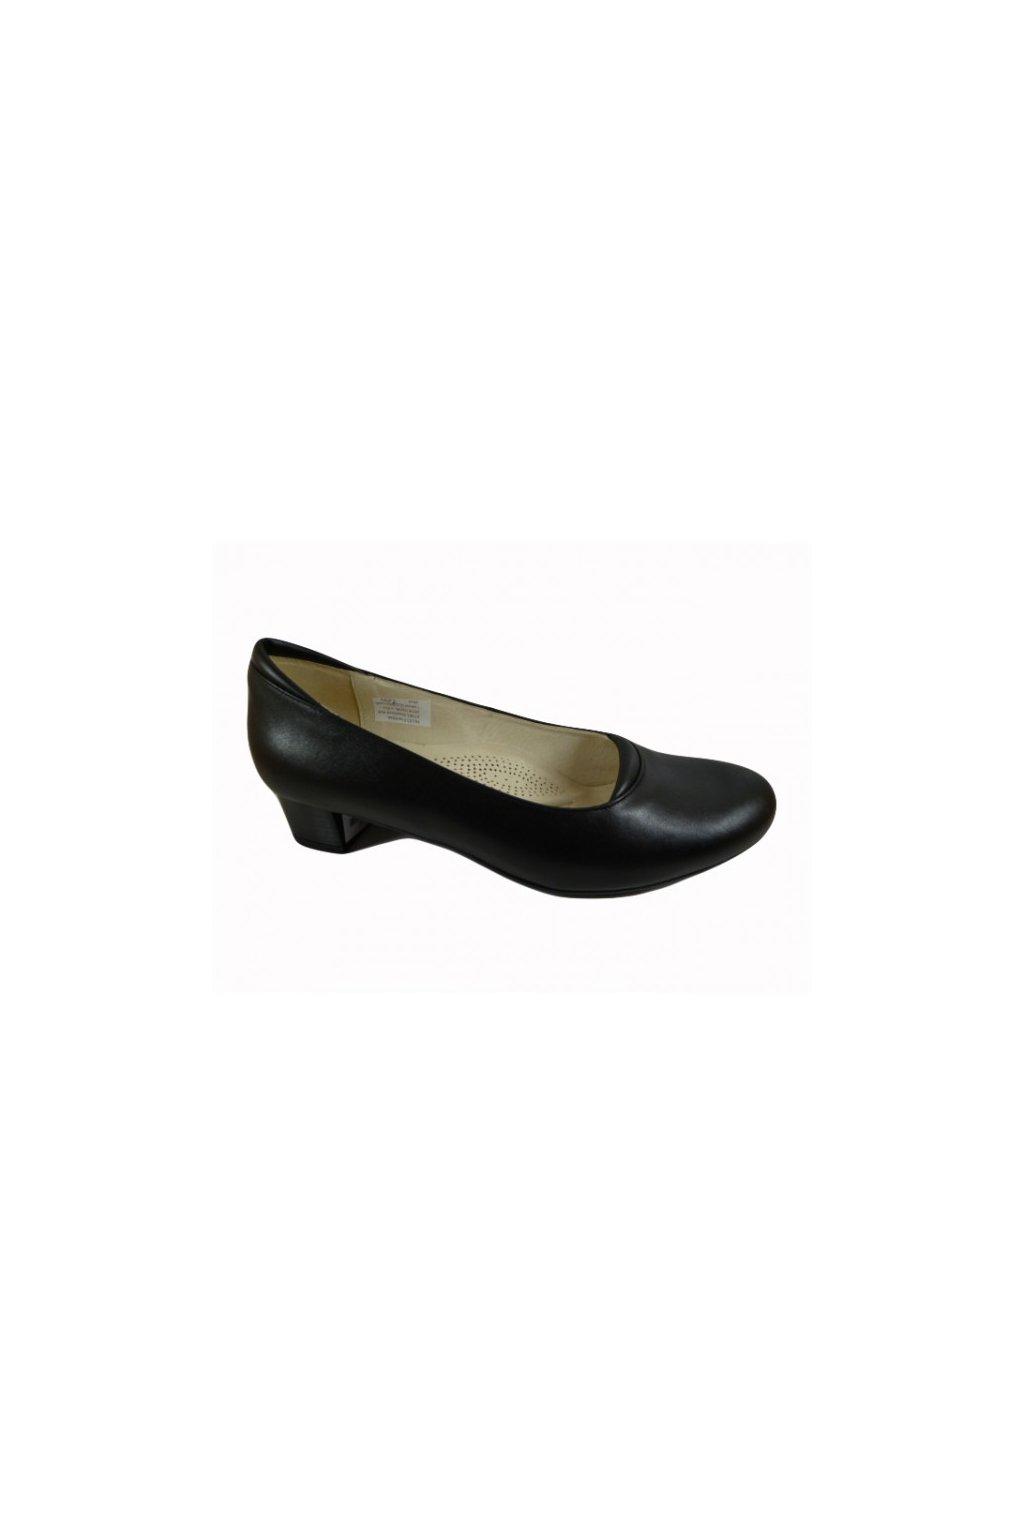 Podměrná dámská obuv Hujo C-244